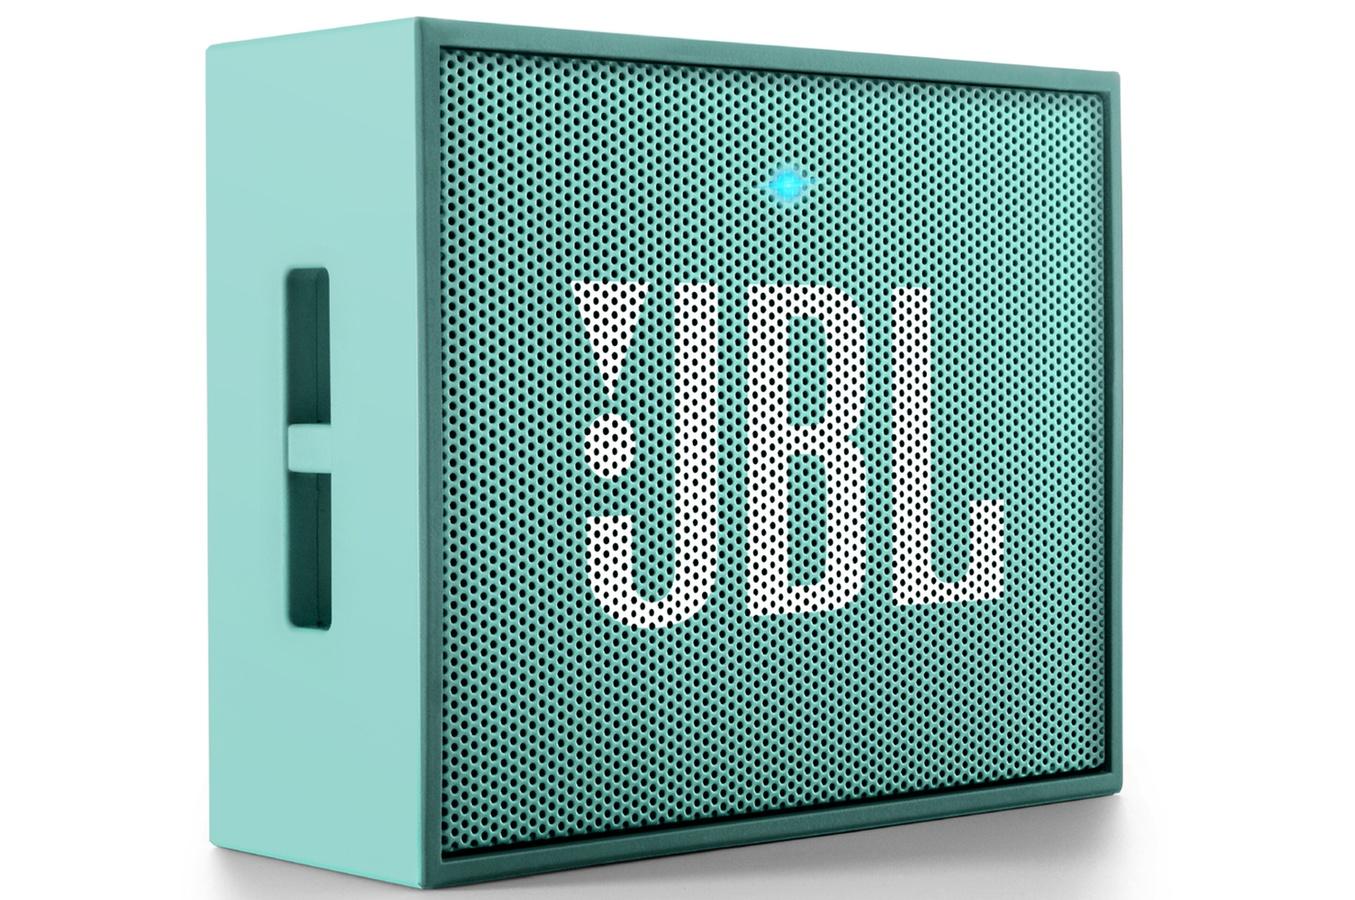 Акустическая система JBL Go TealАкустические системы<br><br><br>Тип: Беспроводные колонки<br>Состав комплекта: портативное аудио<br>Количество полос: 1<br>Мощность, Вт: 3 Вт<br>Диапазон воспроизводимых частот: 180 - 20000 Гц<br>Интерфейсы: линейный (разъем mini jack), Bluetooth